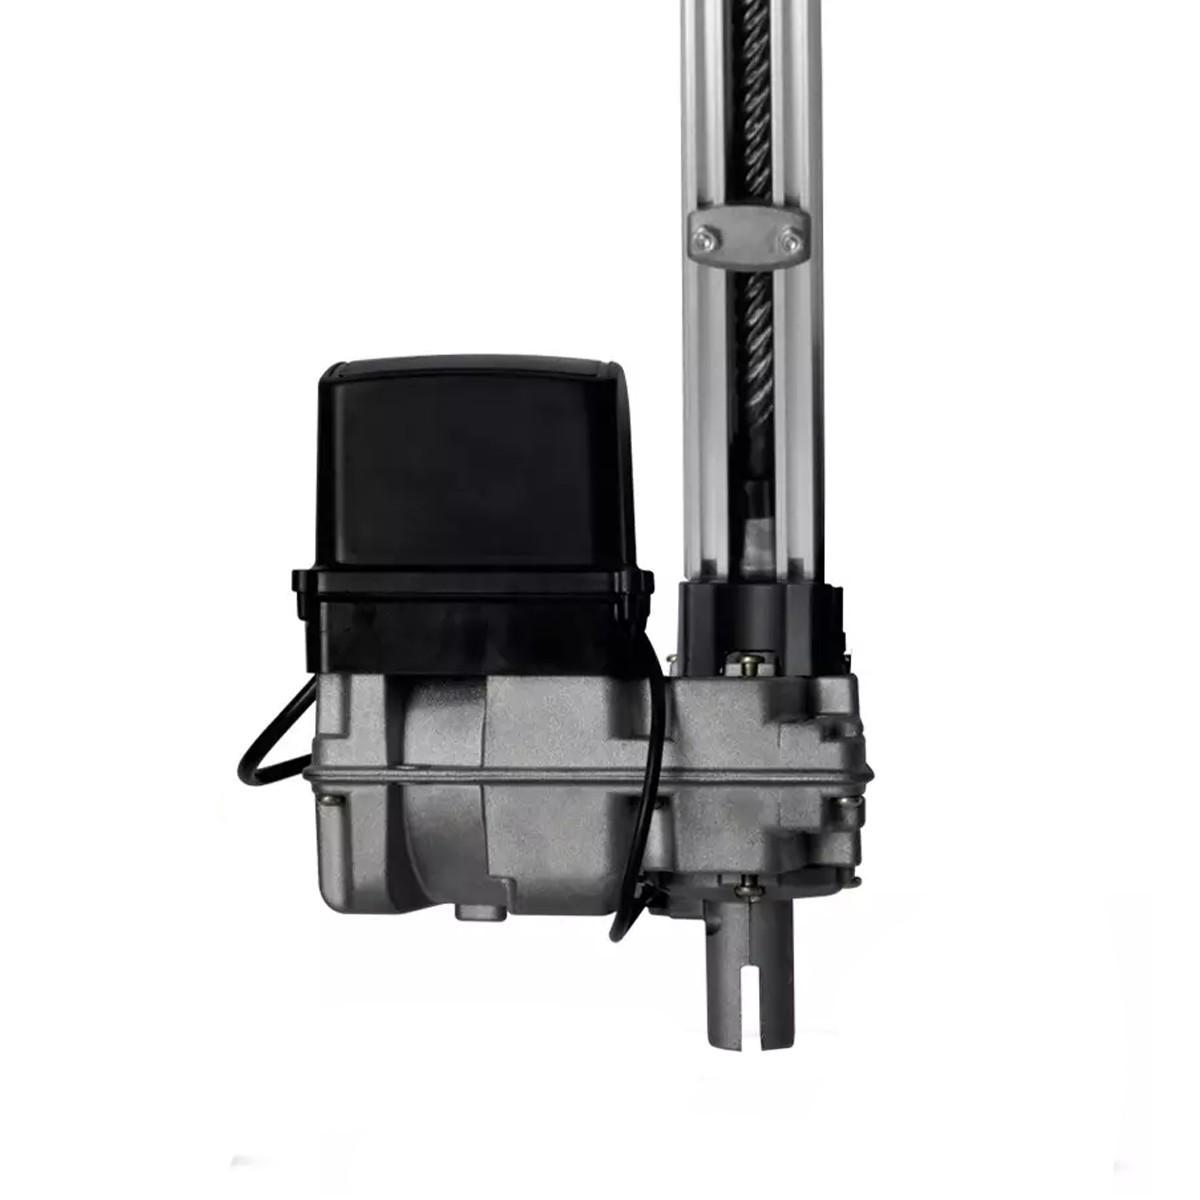 motor-automatizador-bv-home-smart-sp-ppa-1-15m-para-portao-basculante